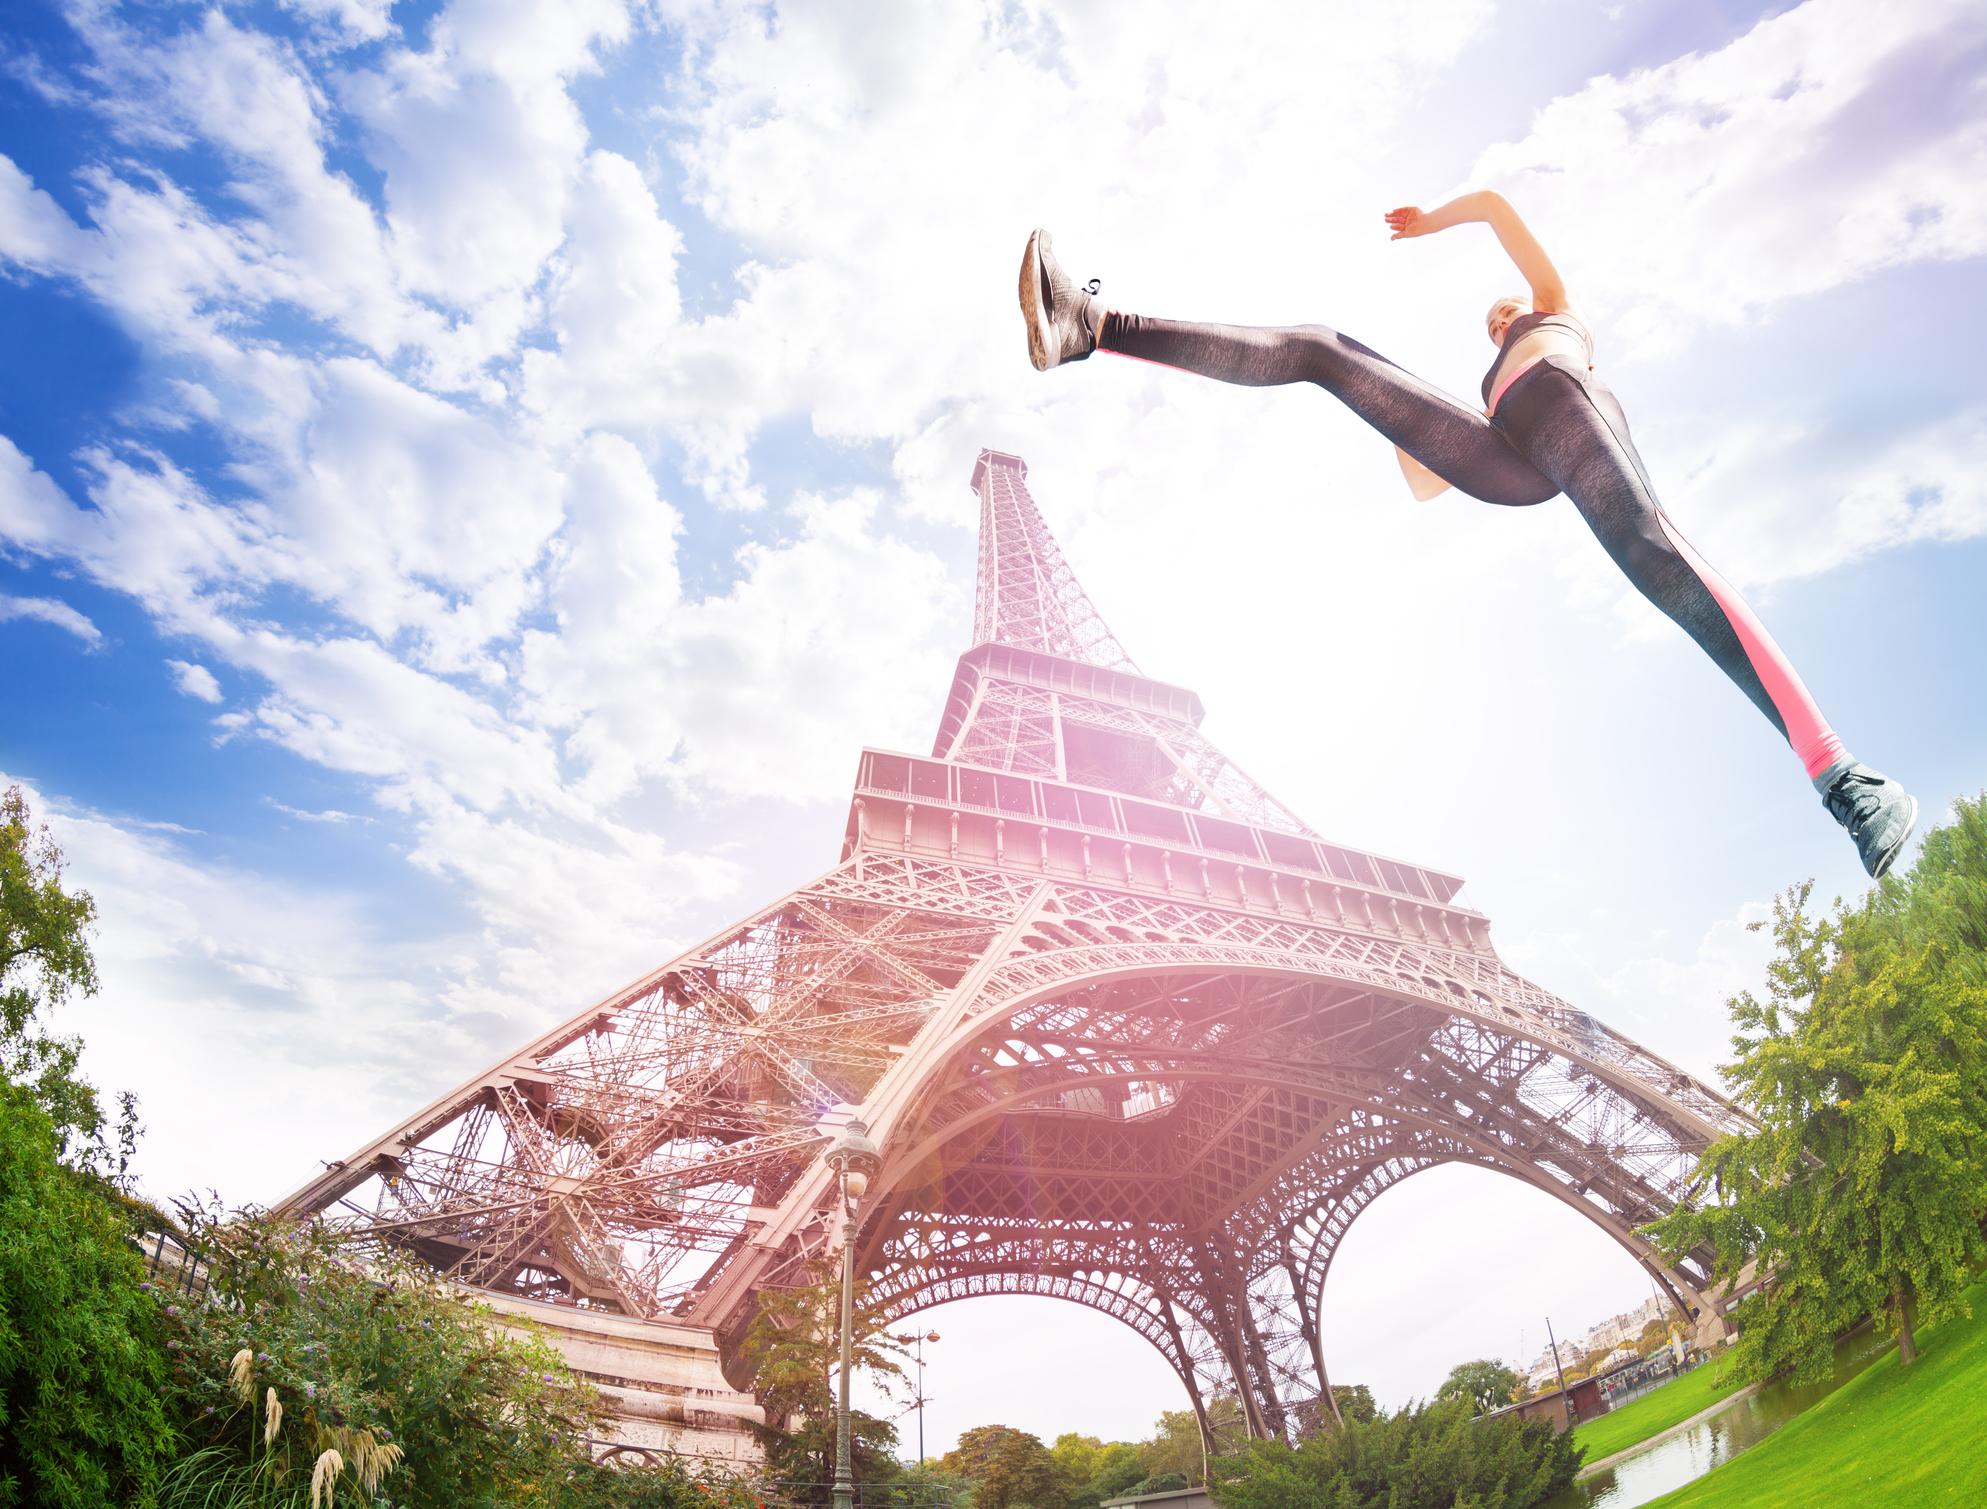 Entrainement sportif face à la Tour Eiffel